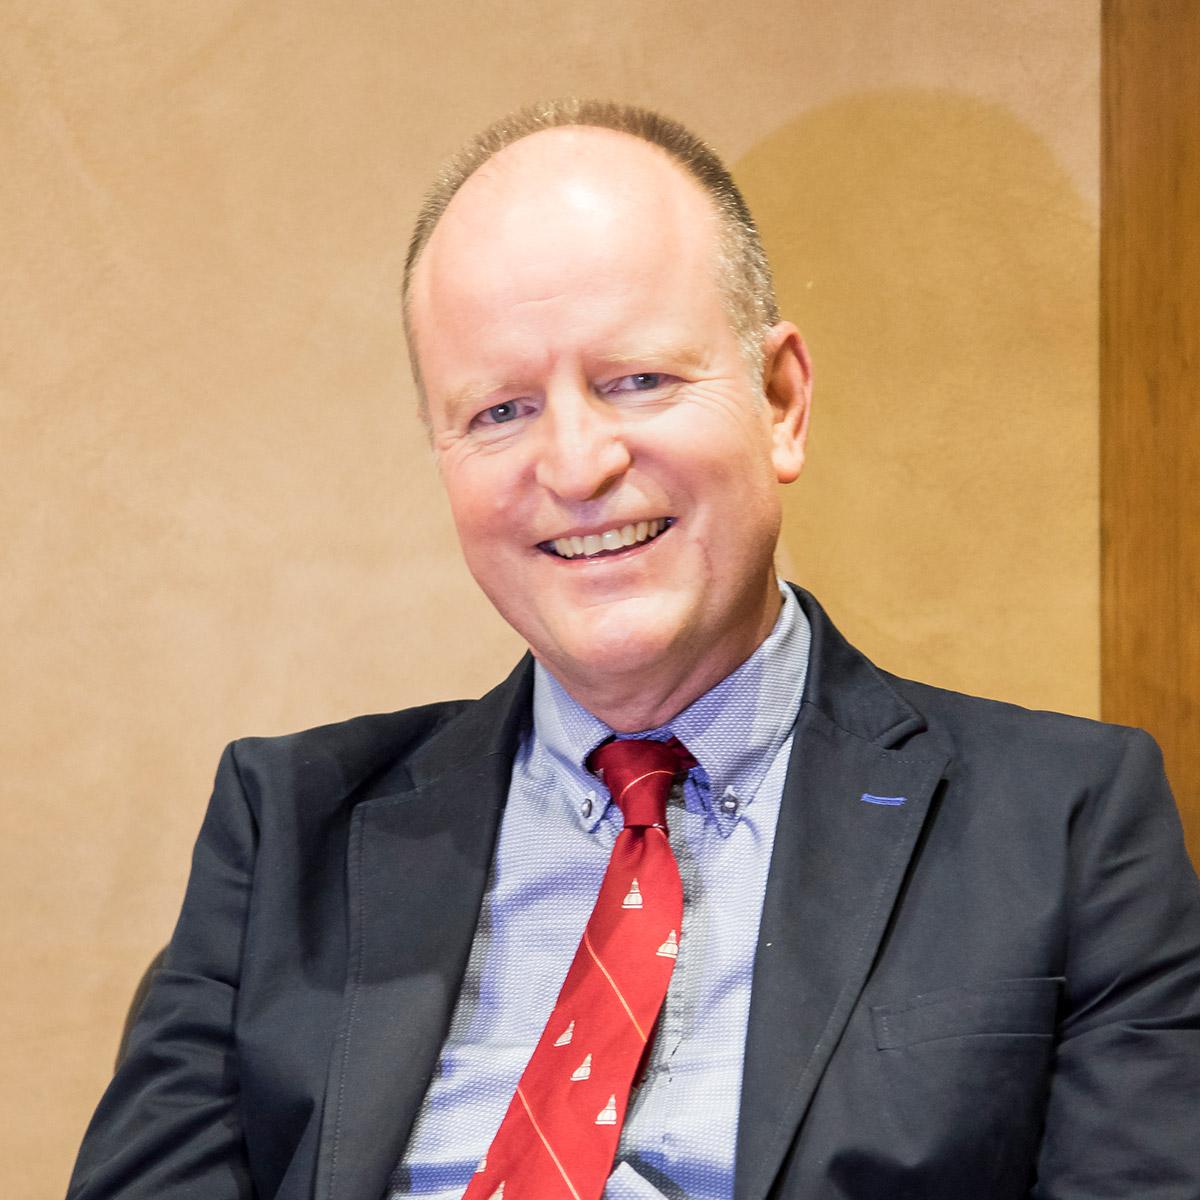 Urologist Port Elizabeth - Dr Hannes Brummer